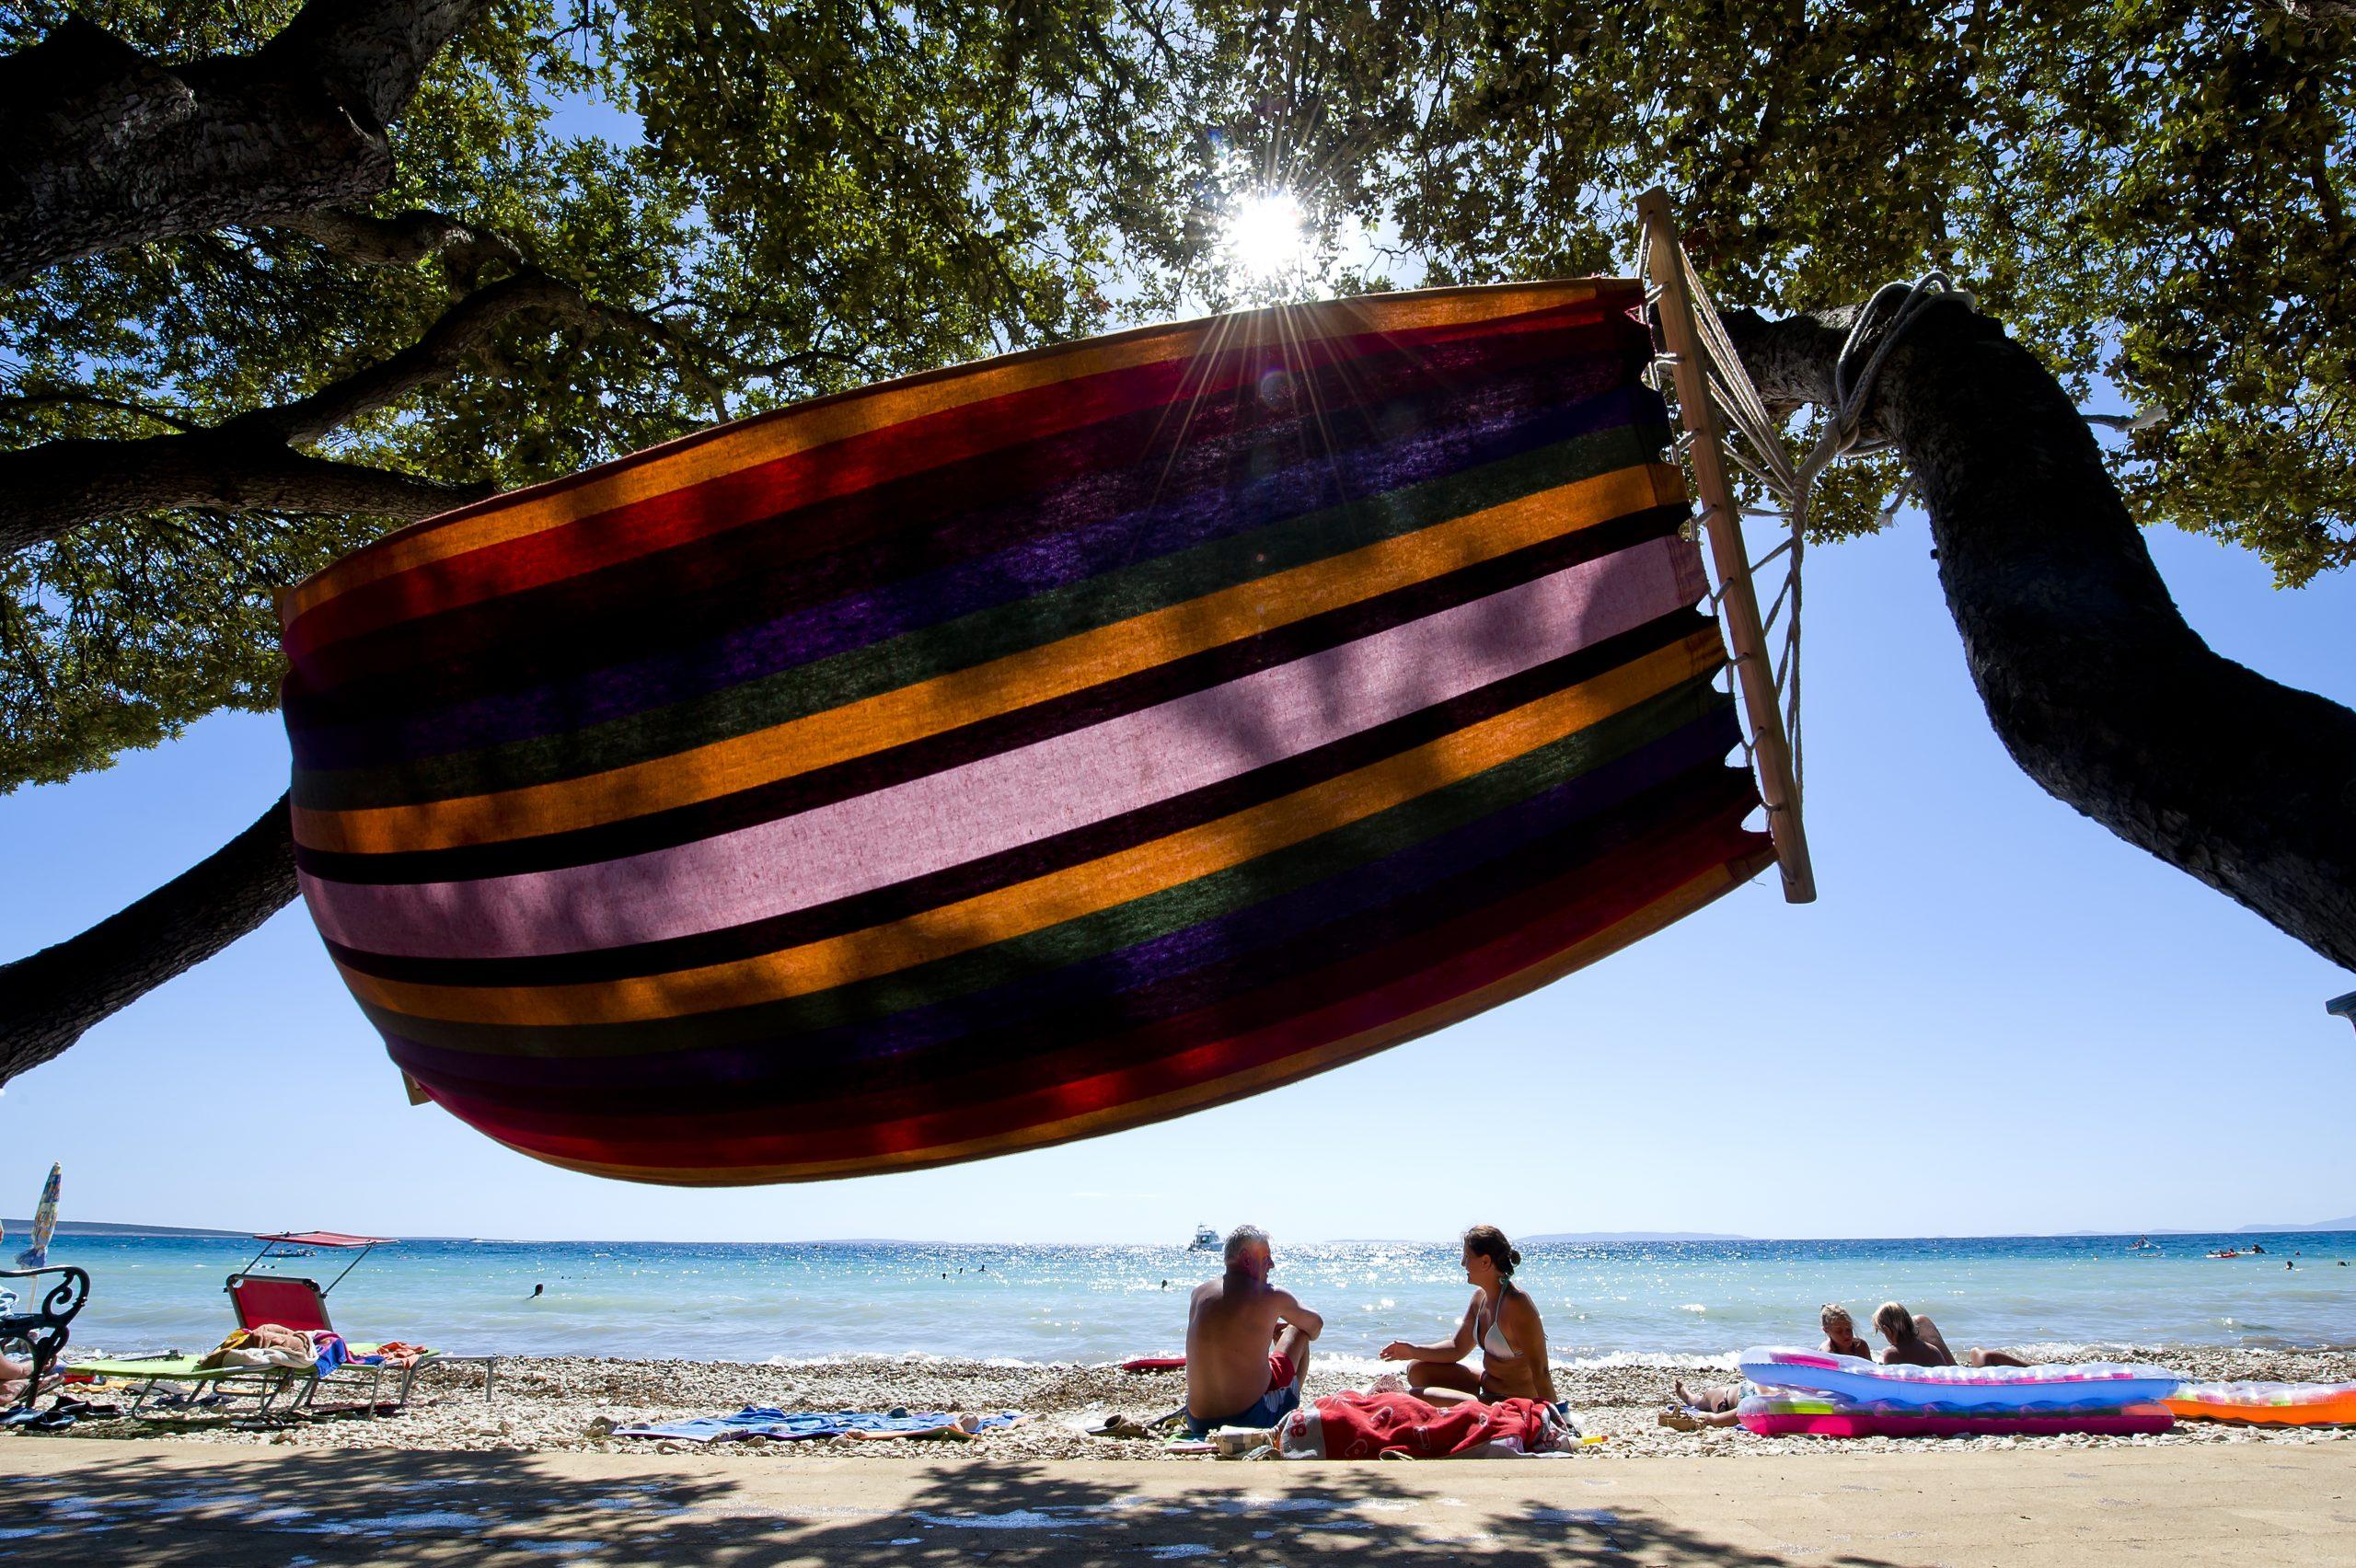 Kroatien er et af de EU-lande der har indgået flest aftaler med andre lande om hinandens turister. Arkivfoto: Stipe Surac for Kroatiens Turistråd.